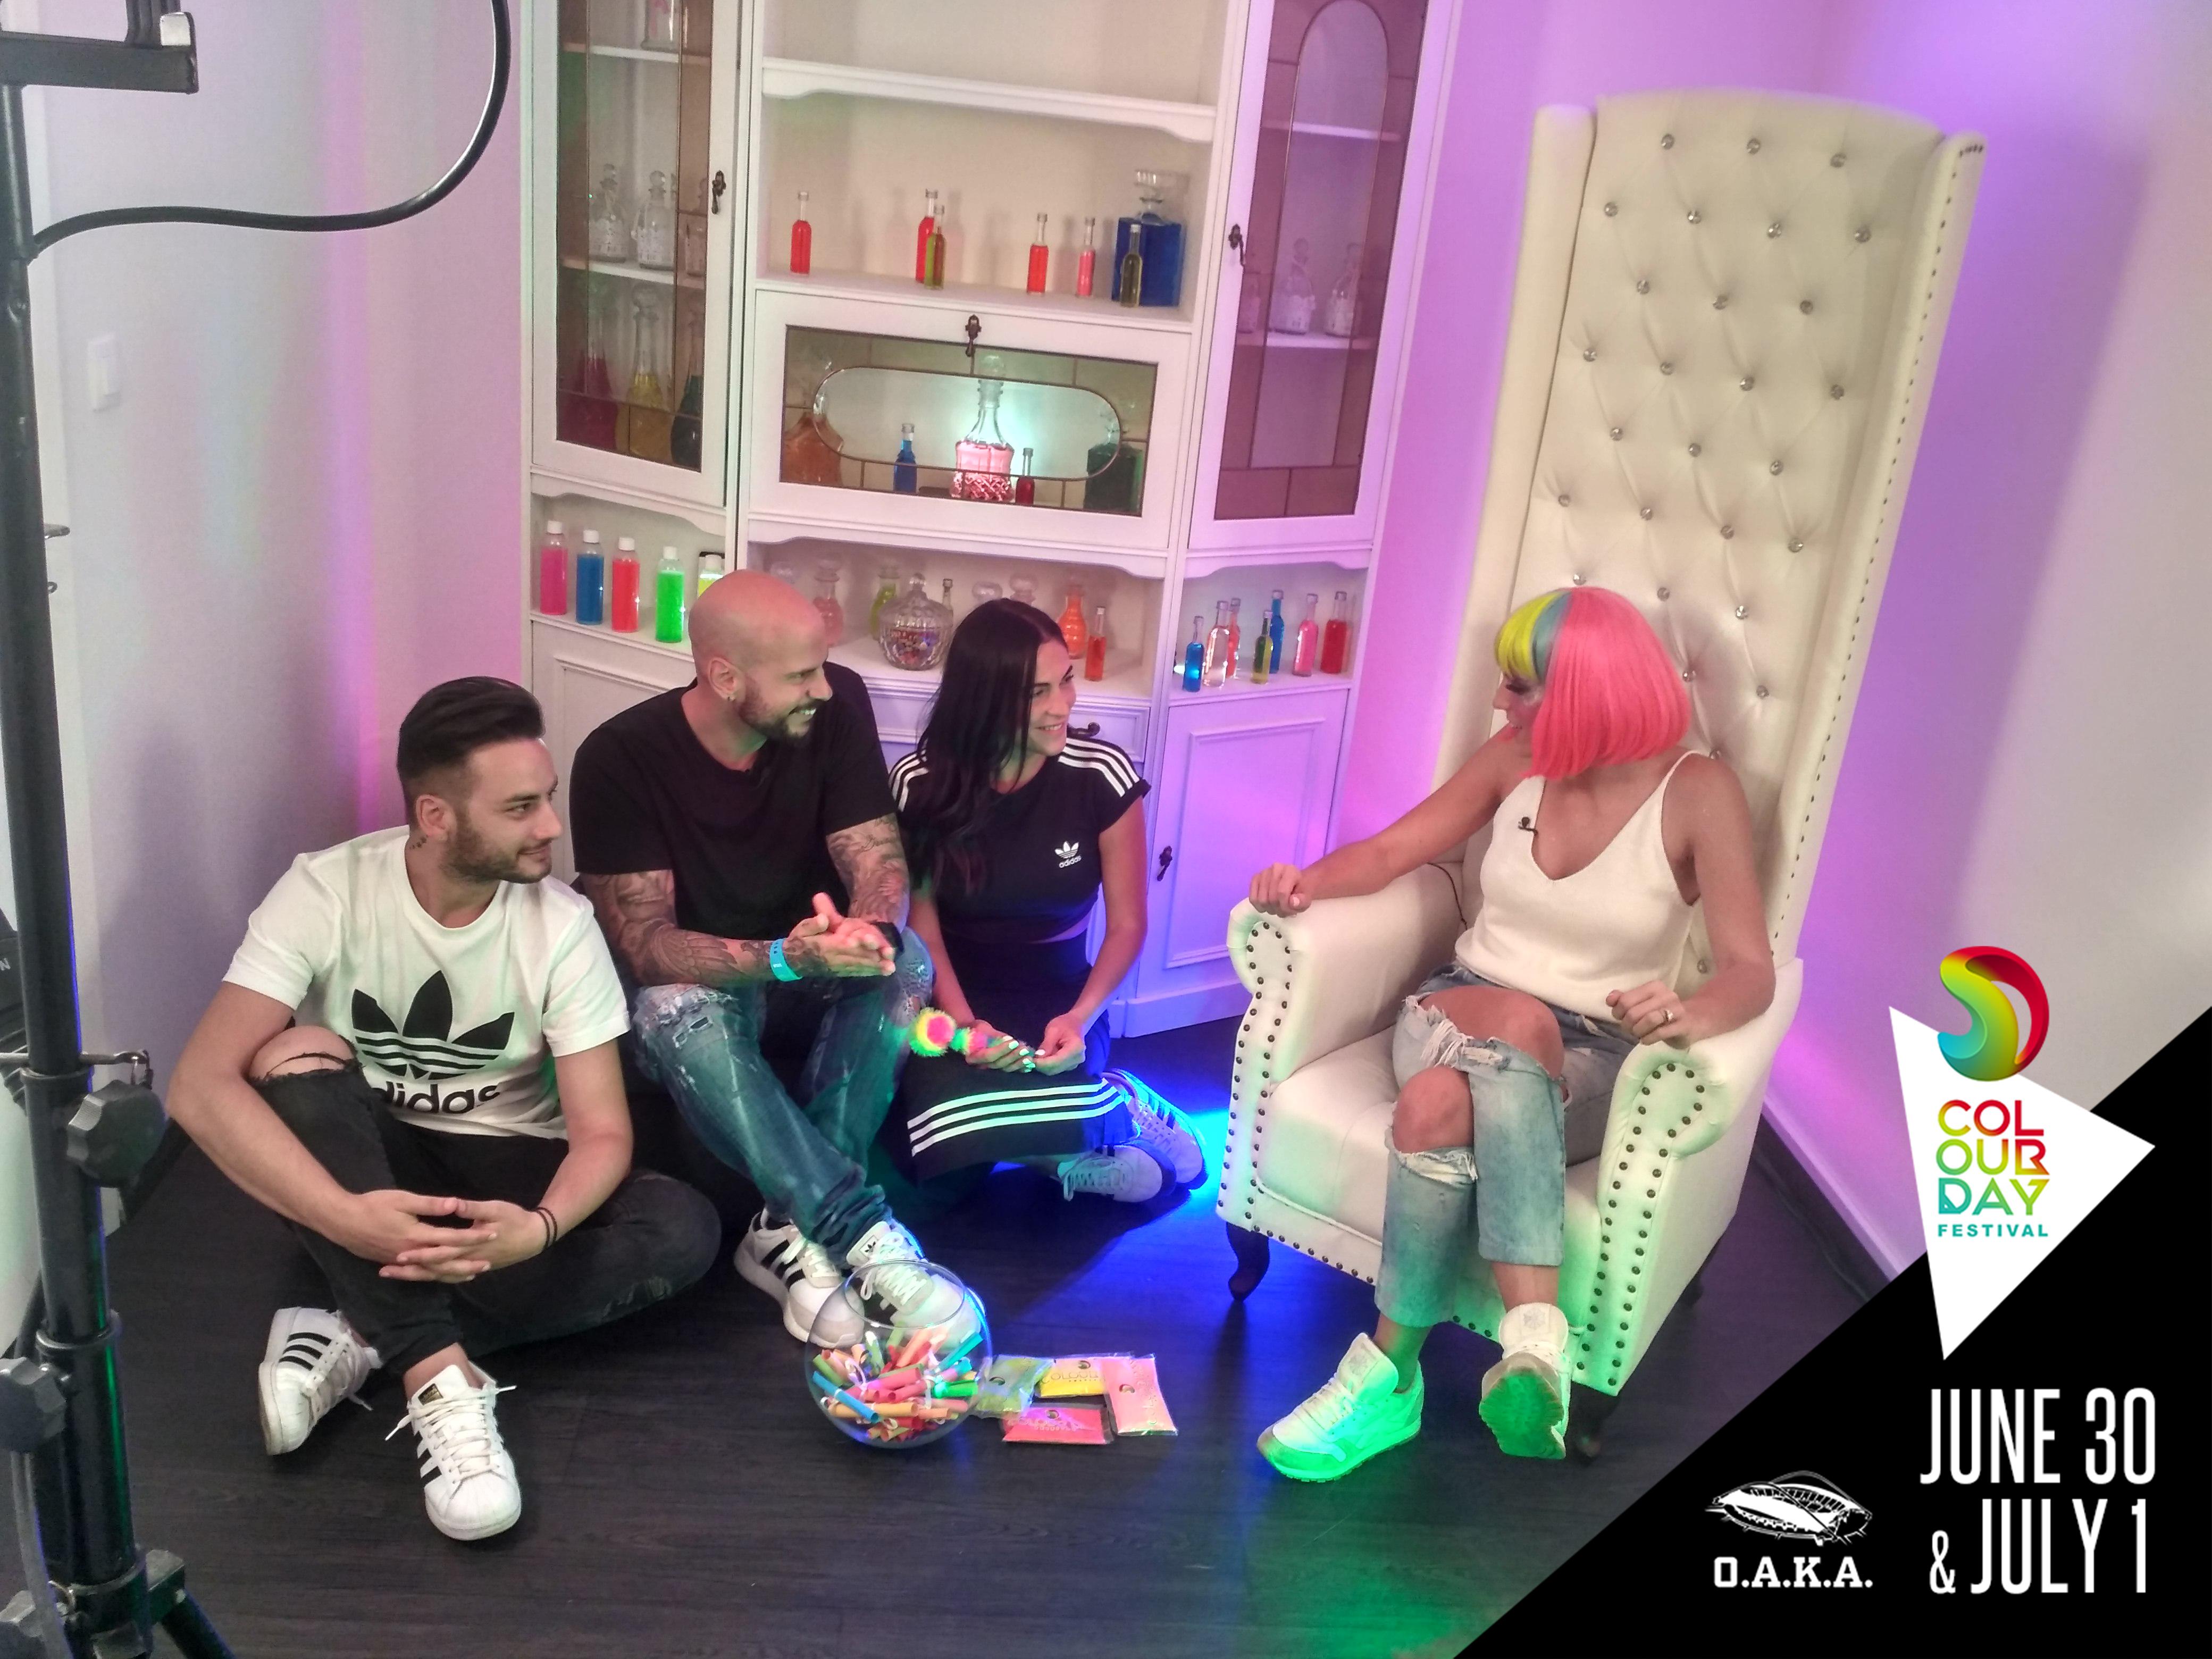 Η Dr IRIS ανακρίνει τους καλλιτέχνες πριν το 4ο Colour Day Festival